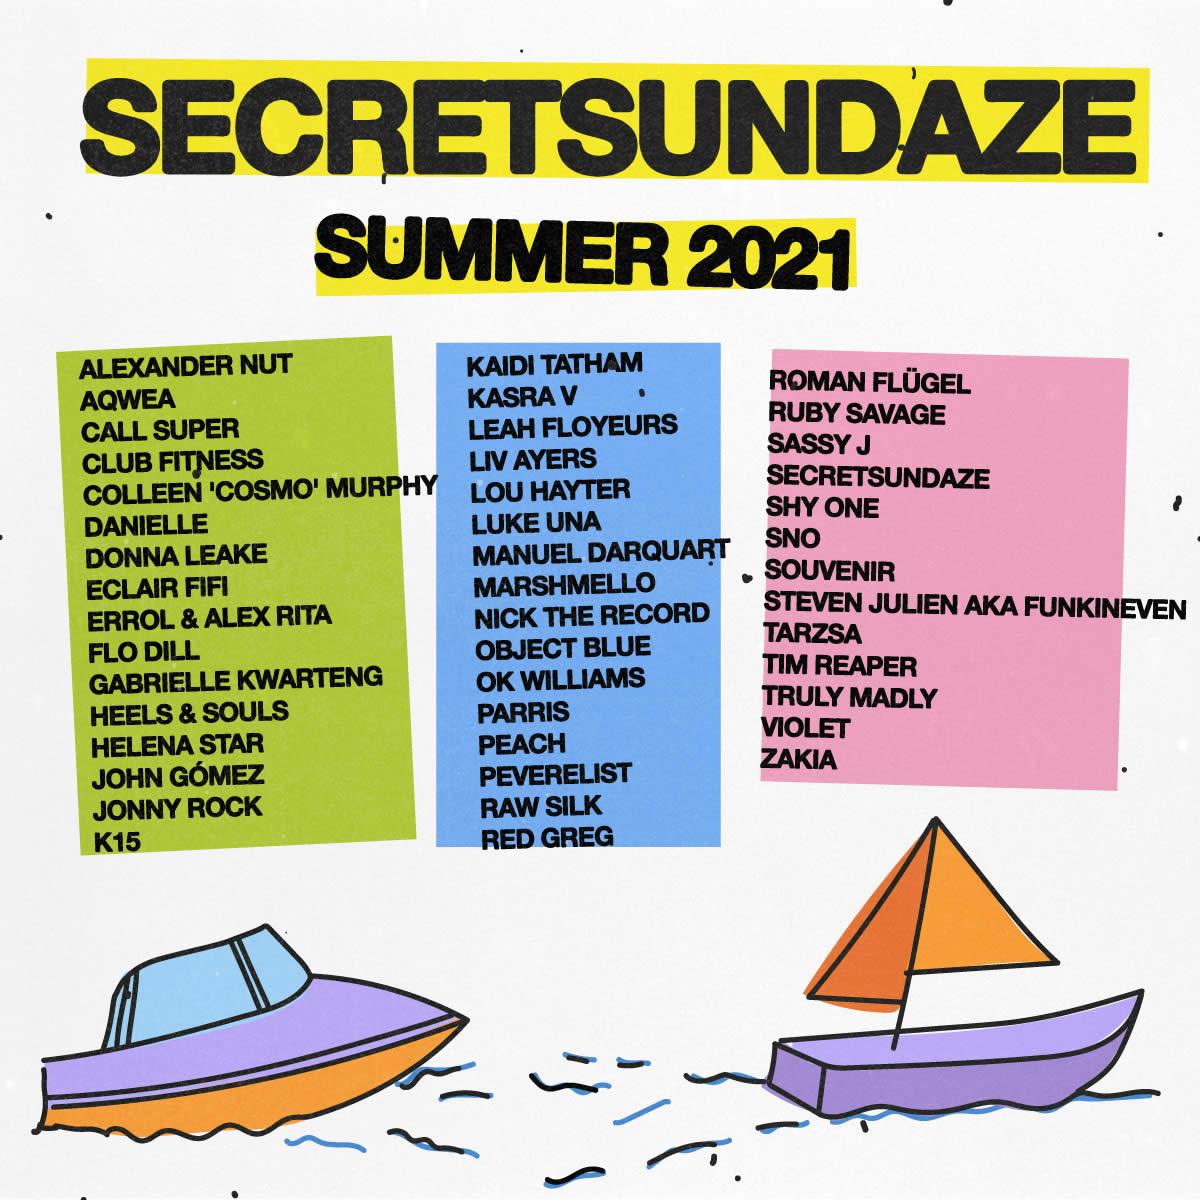 Secretsundaze-Summer-2021.jpg